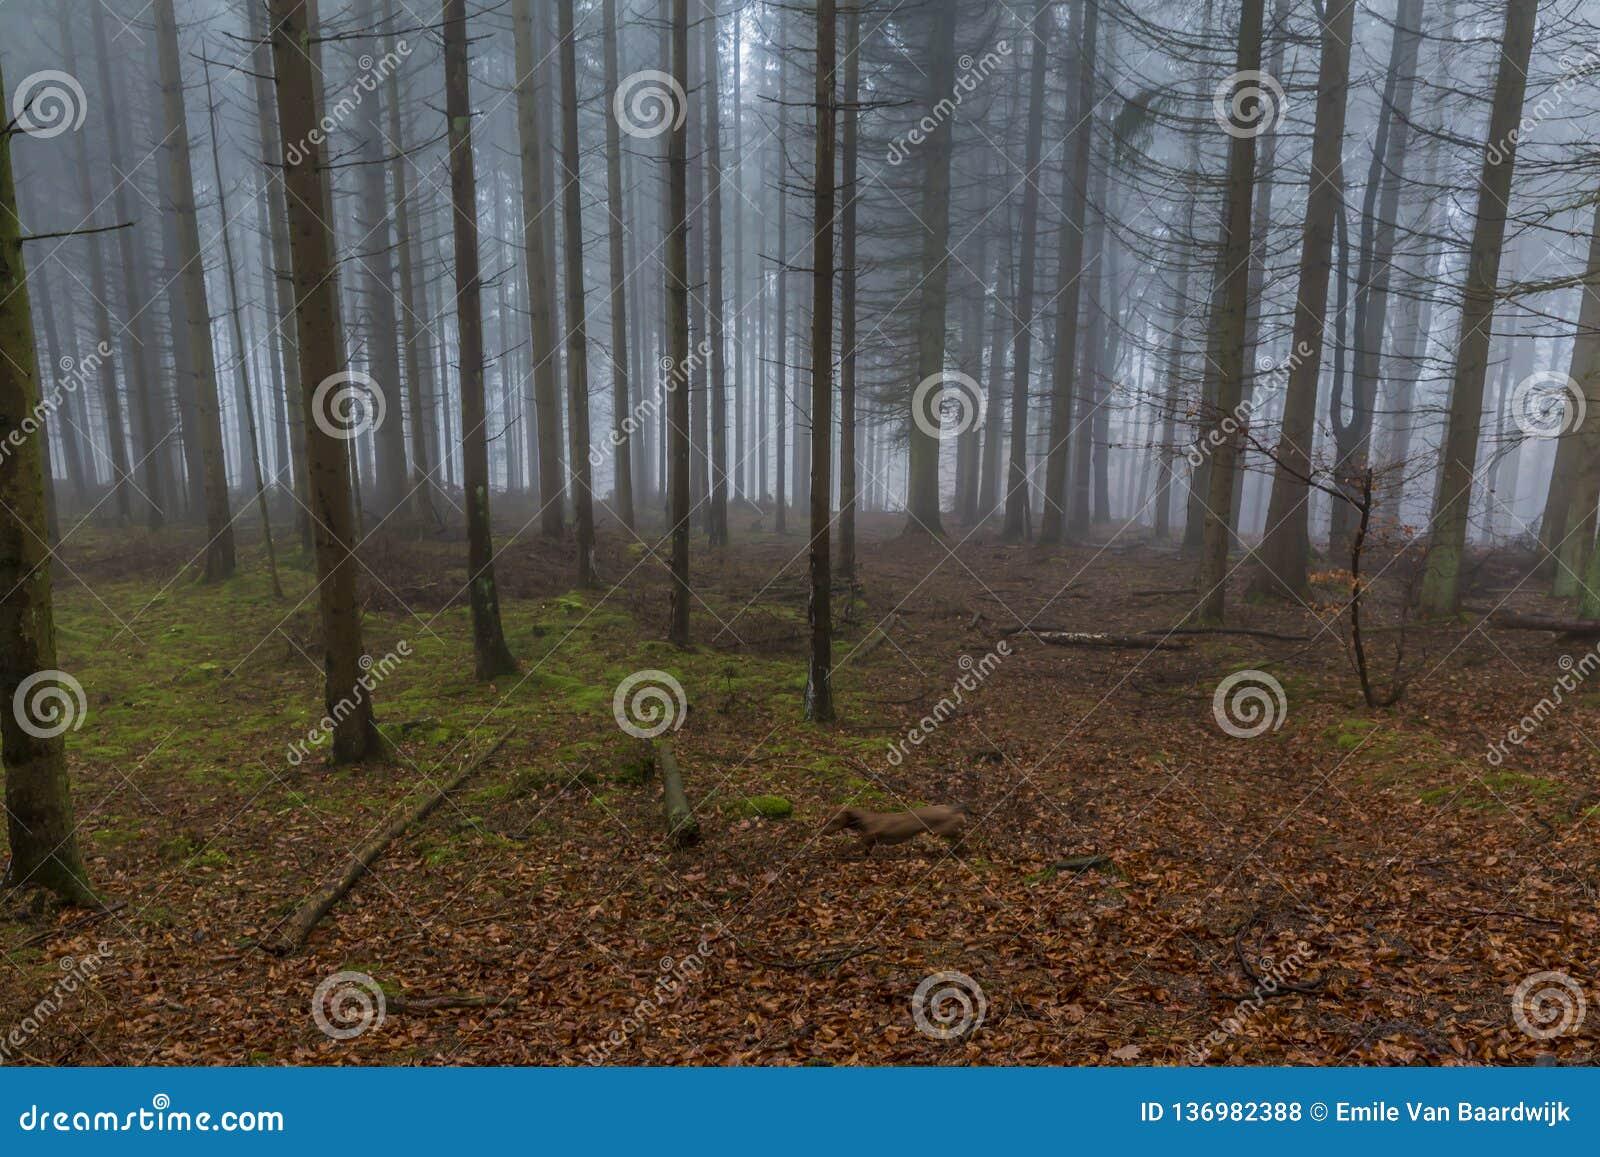 Bild von hohen Kiefern im Wald mit Moos und Blättern aus den Grund mit vielem Nebel